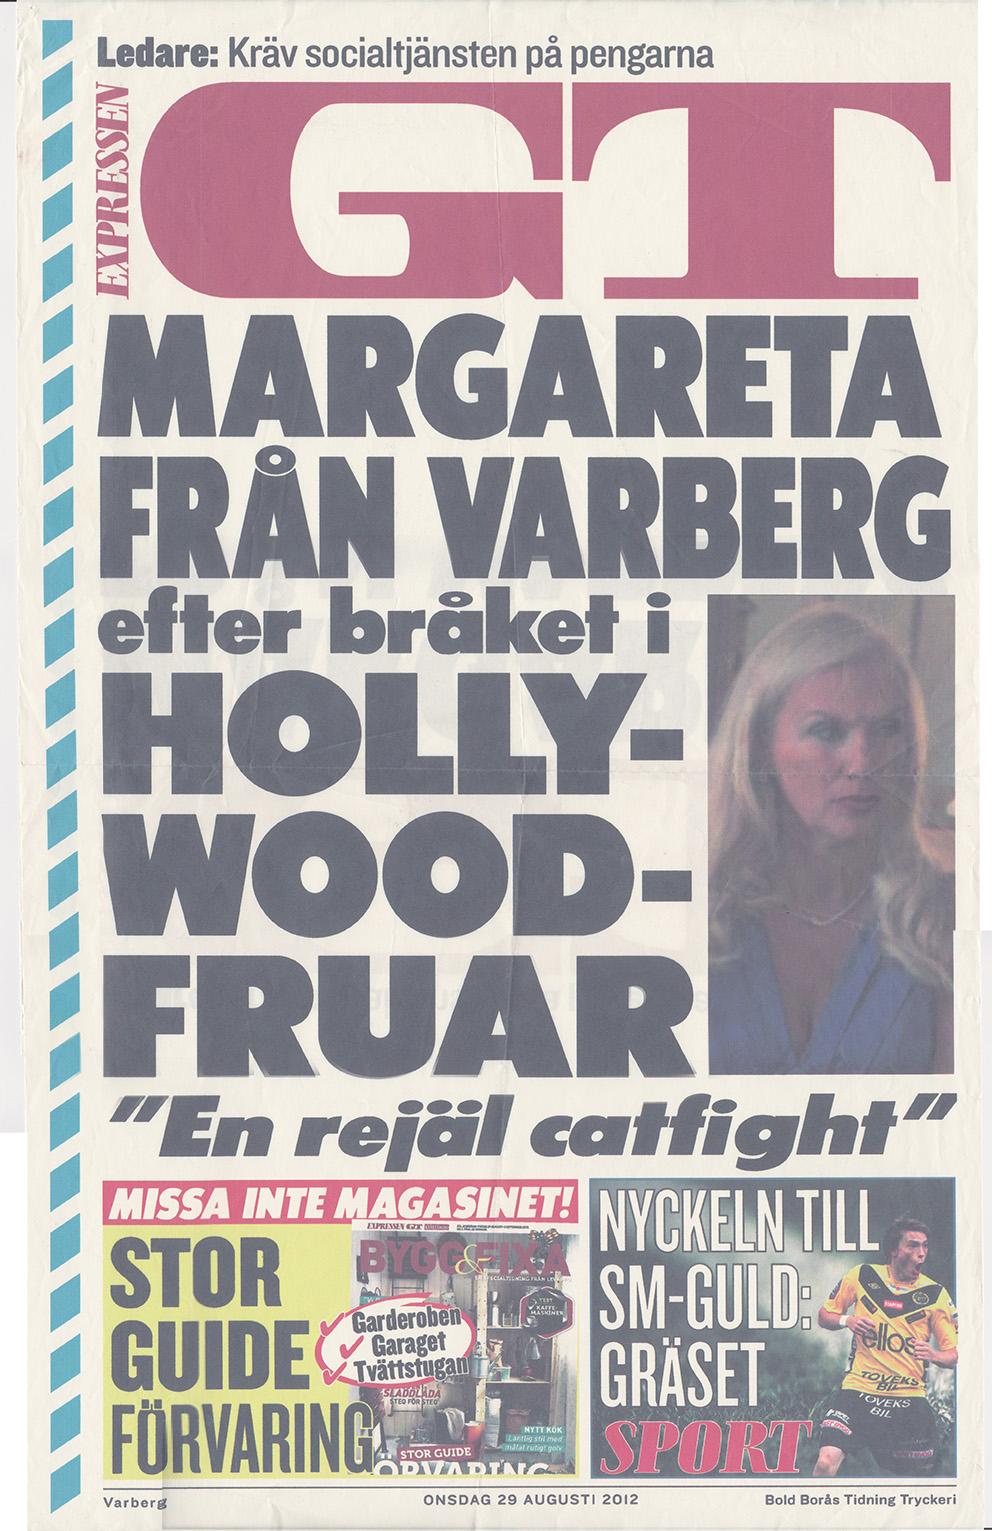 """120829-GT-Margareta_Svensson_Riggs-Margareta_från_Varberg_efter_bråket_i_Hollywoodfruar_""""En_rejäl_ca"""